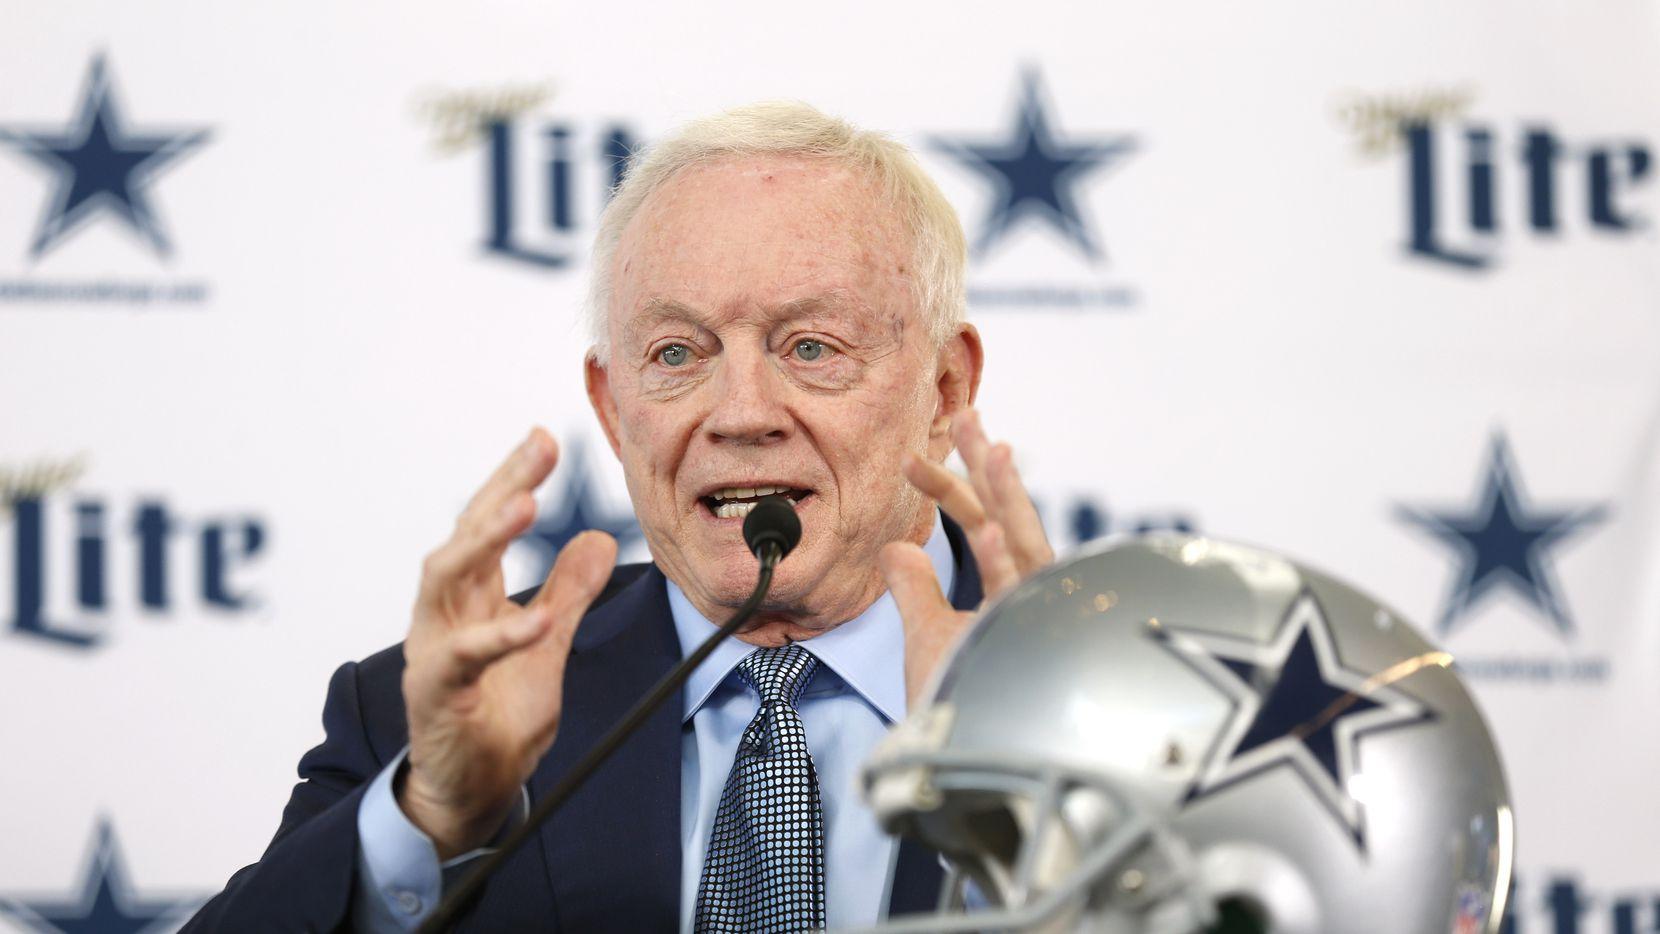 El dueño de los Dallas Cowboys, Jerry Jones, durante la conferencia en que presentó a Mike McCarthy como el entrenador en jefe del equipo, el 8 de enero de 2020 en Frisco.